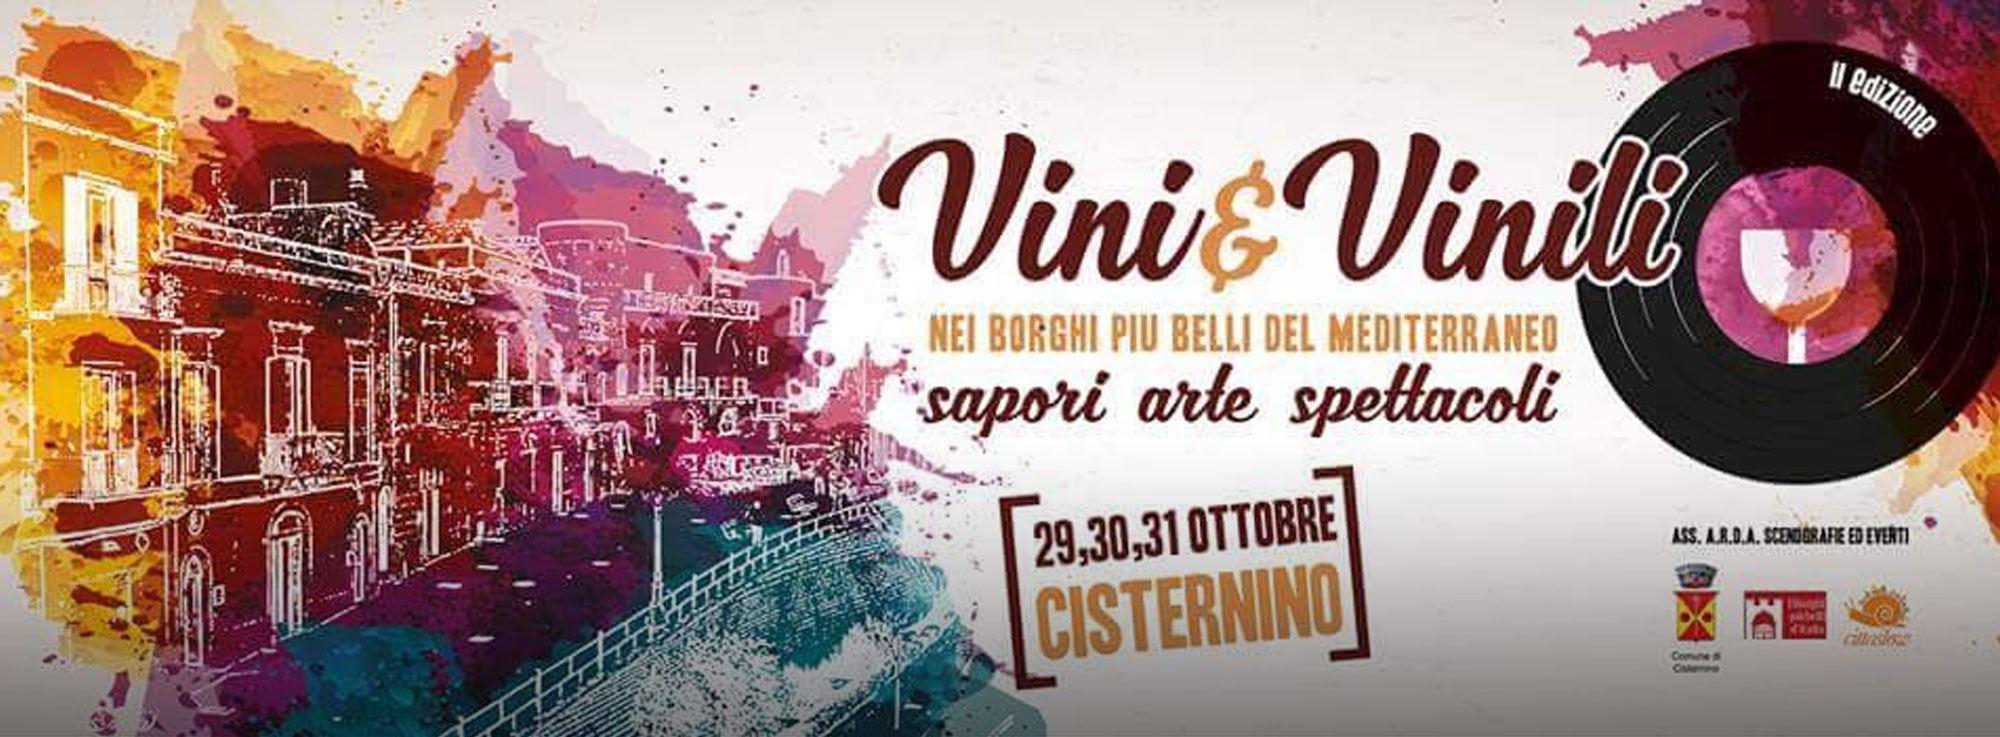 Cisternino: Vini e Vinili, festival di suoni e sapori